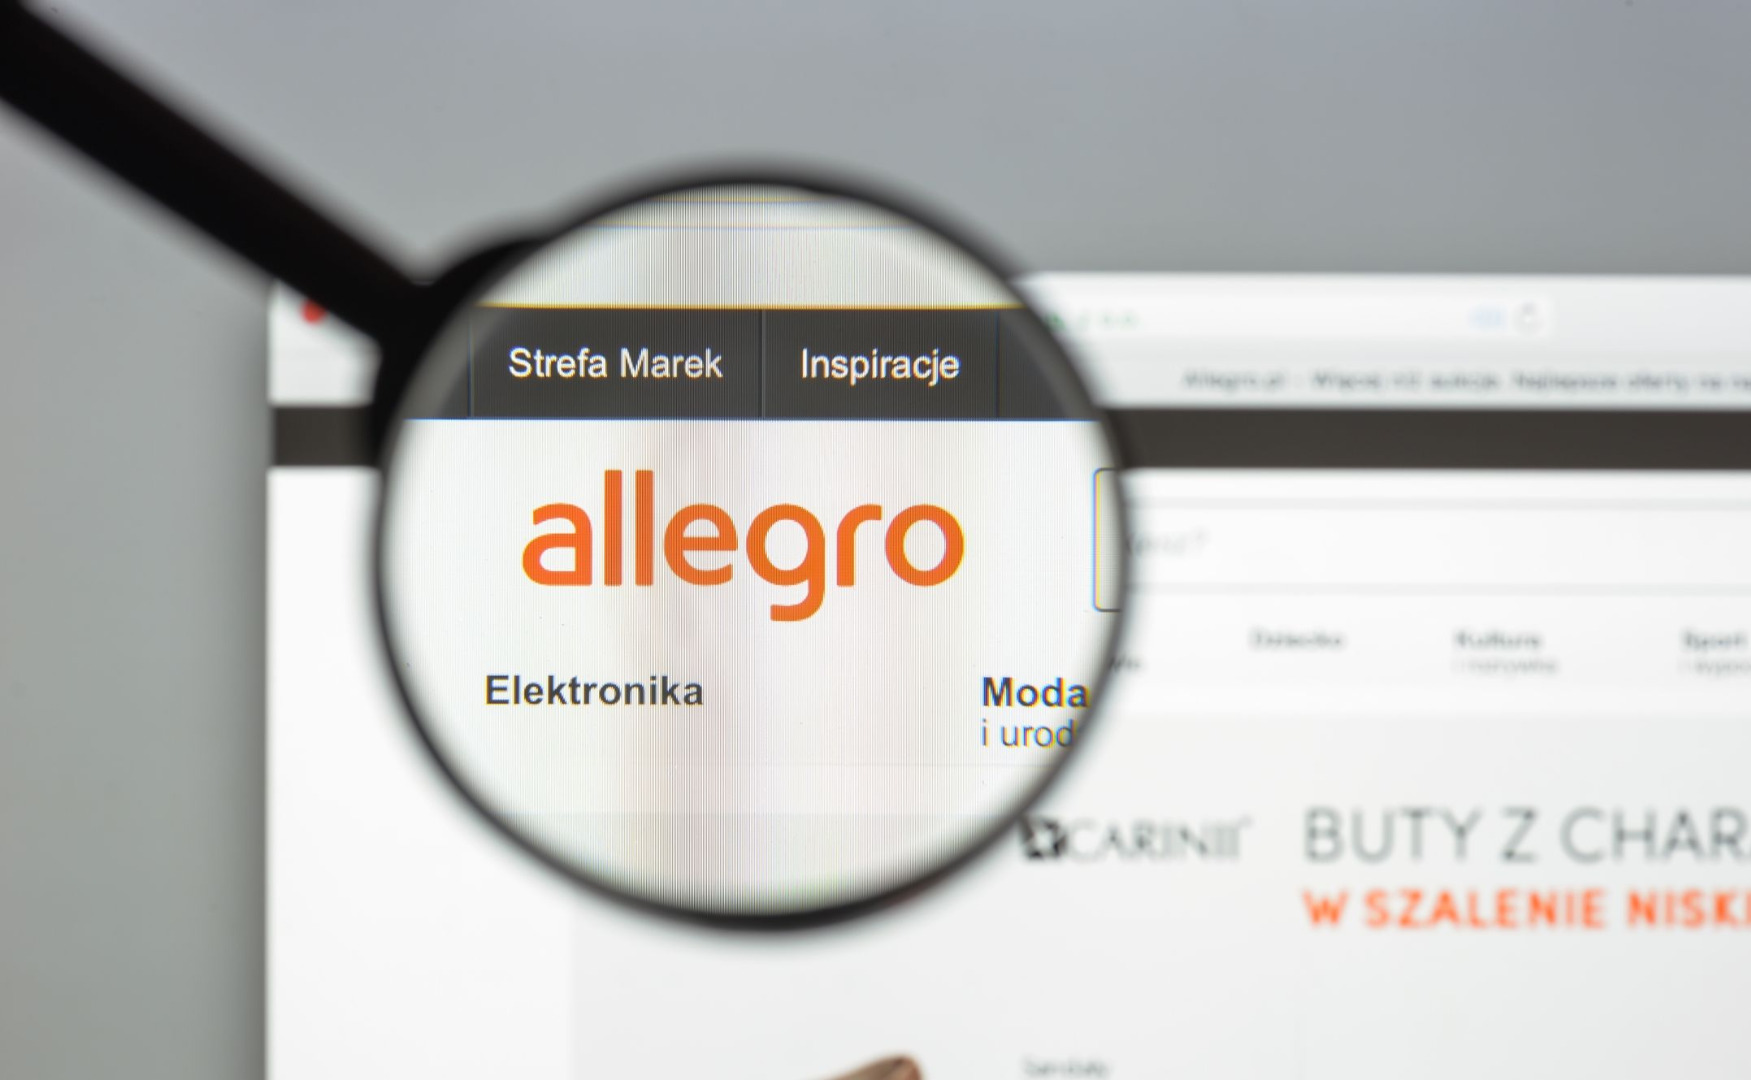 Allegro Pozwolilo Klientom Oszczedzic Oto Nowy Trend Na Rynku E Commerce Gazetaprawna Pl